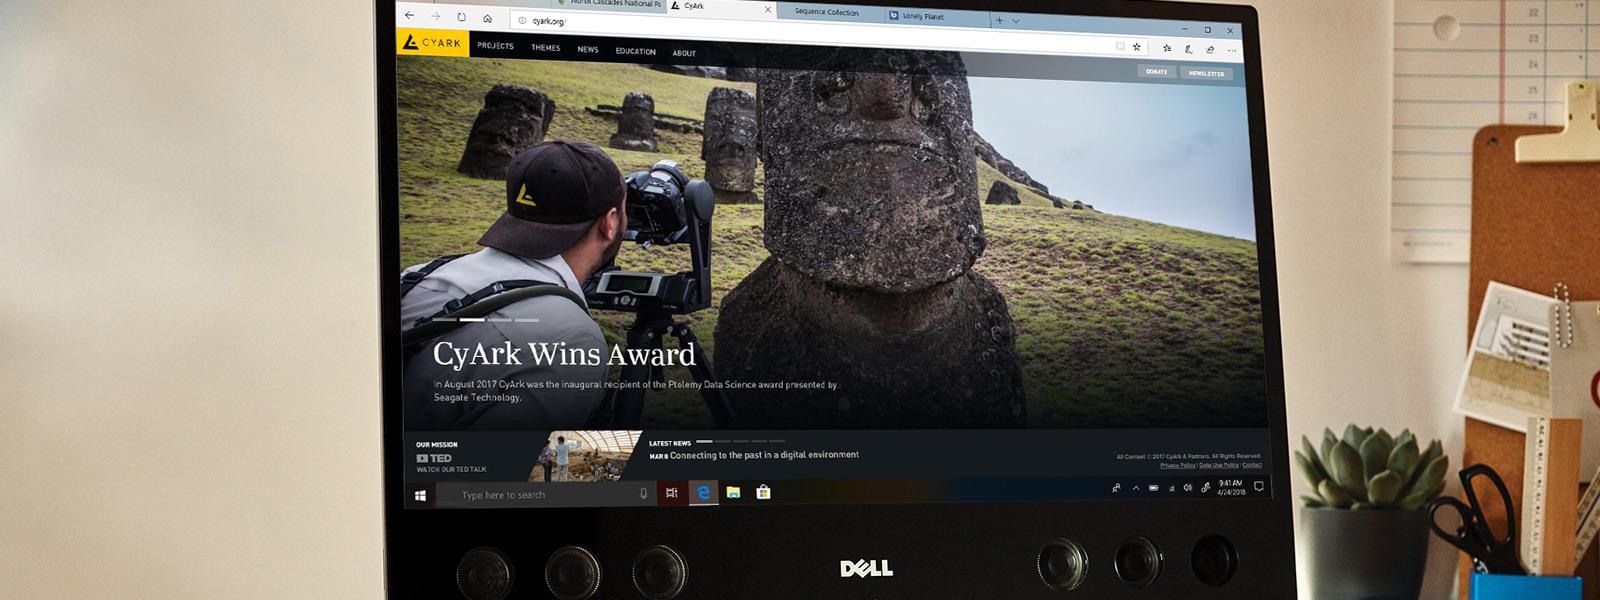 Datamaskinskjerm som viser en Microsoft Edge-nettleser som viser en 4K Ultra HD-video